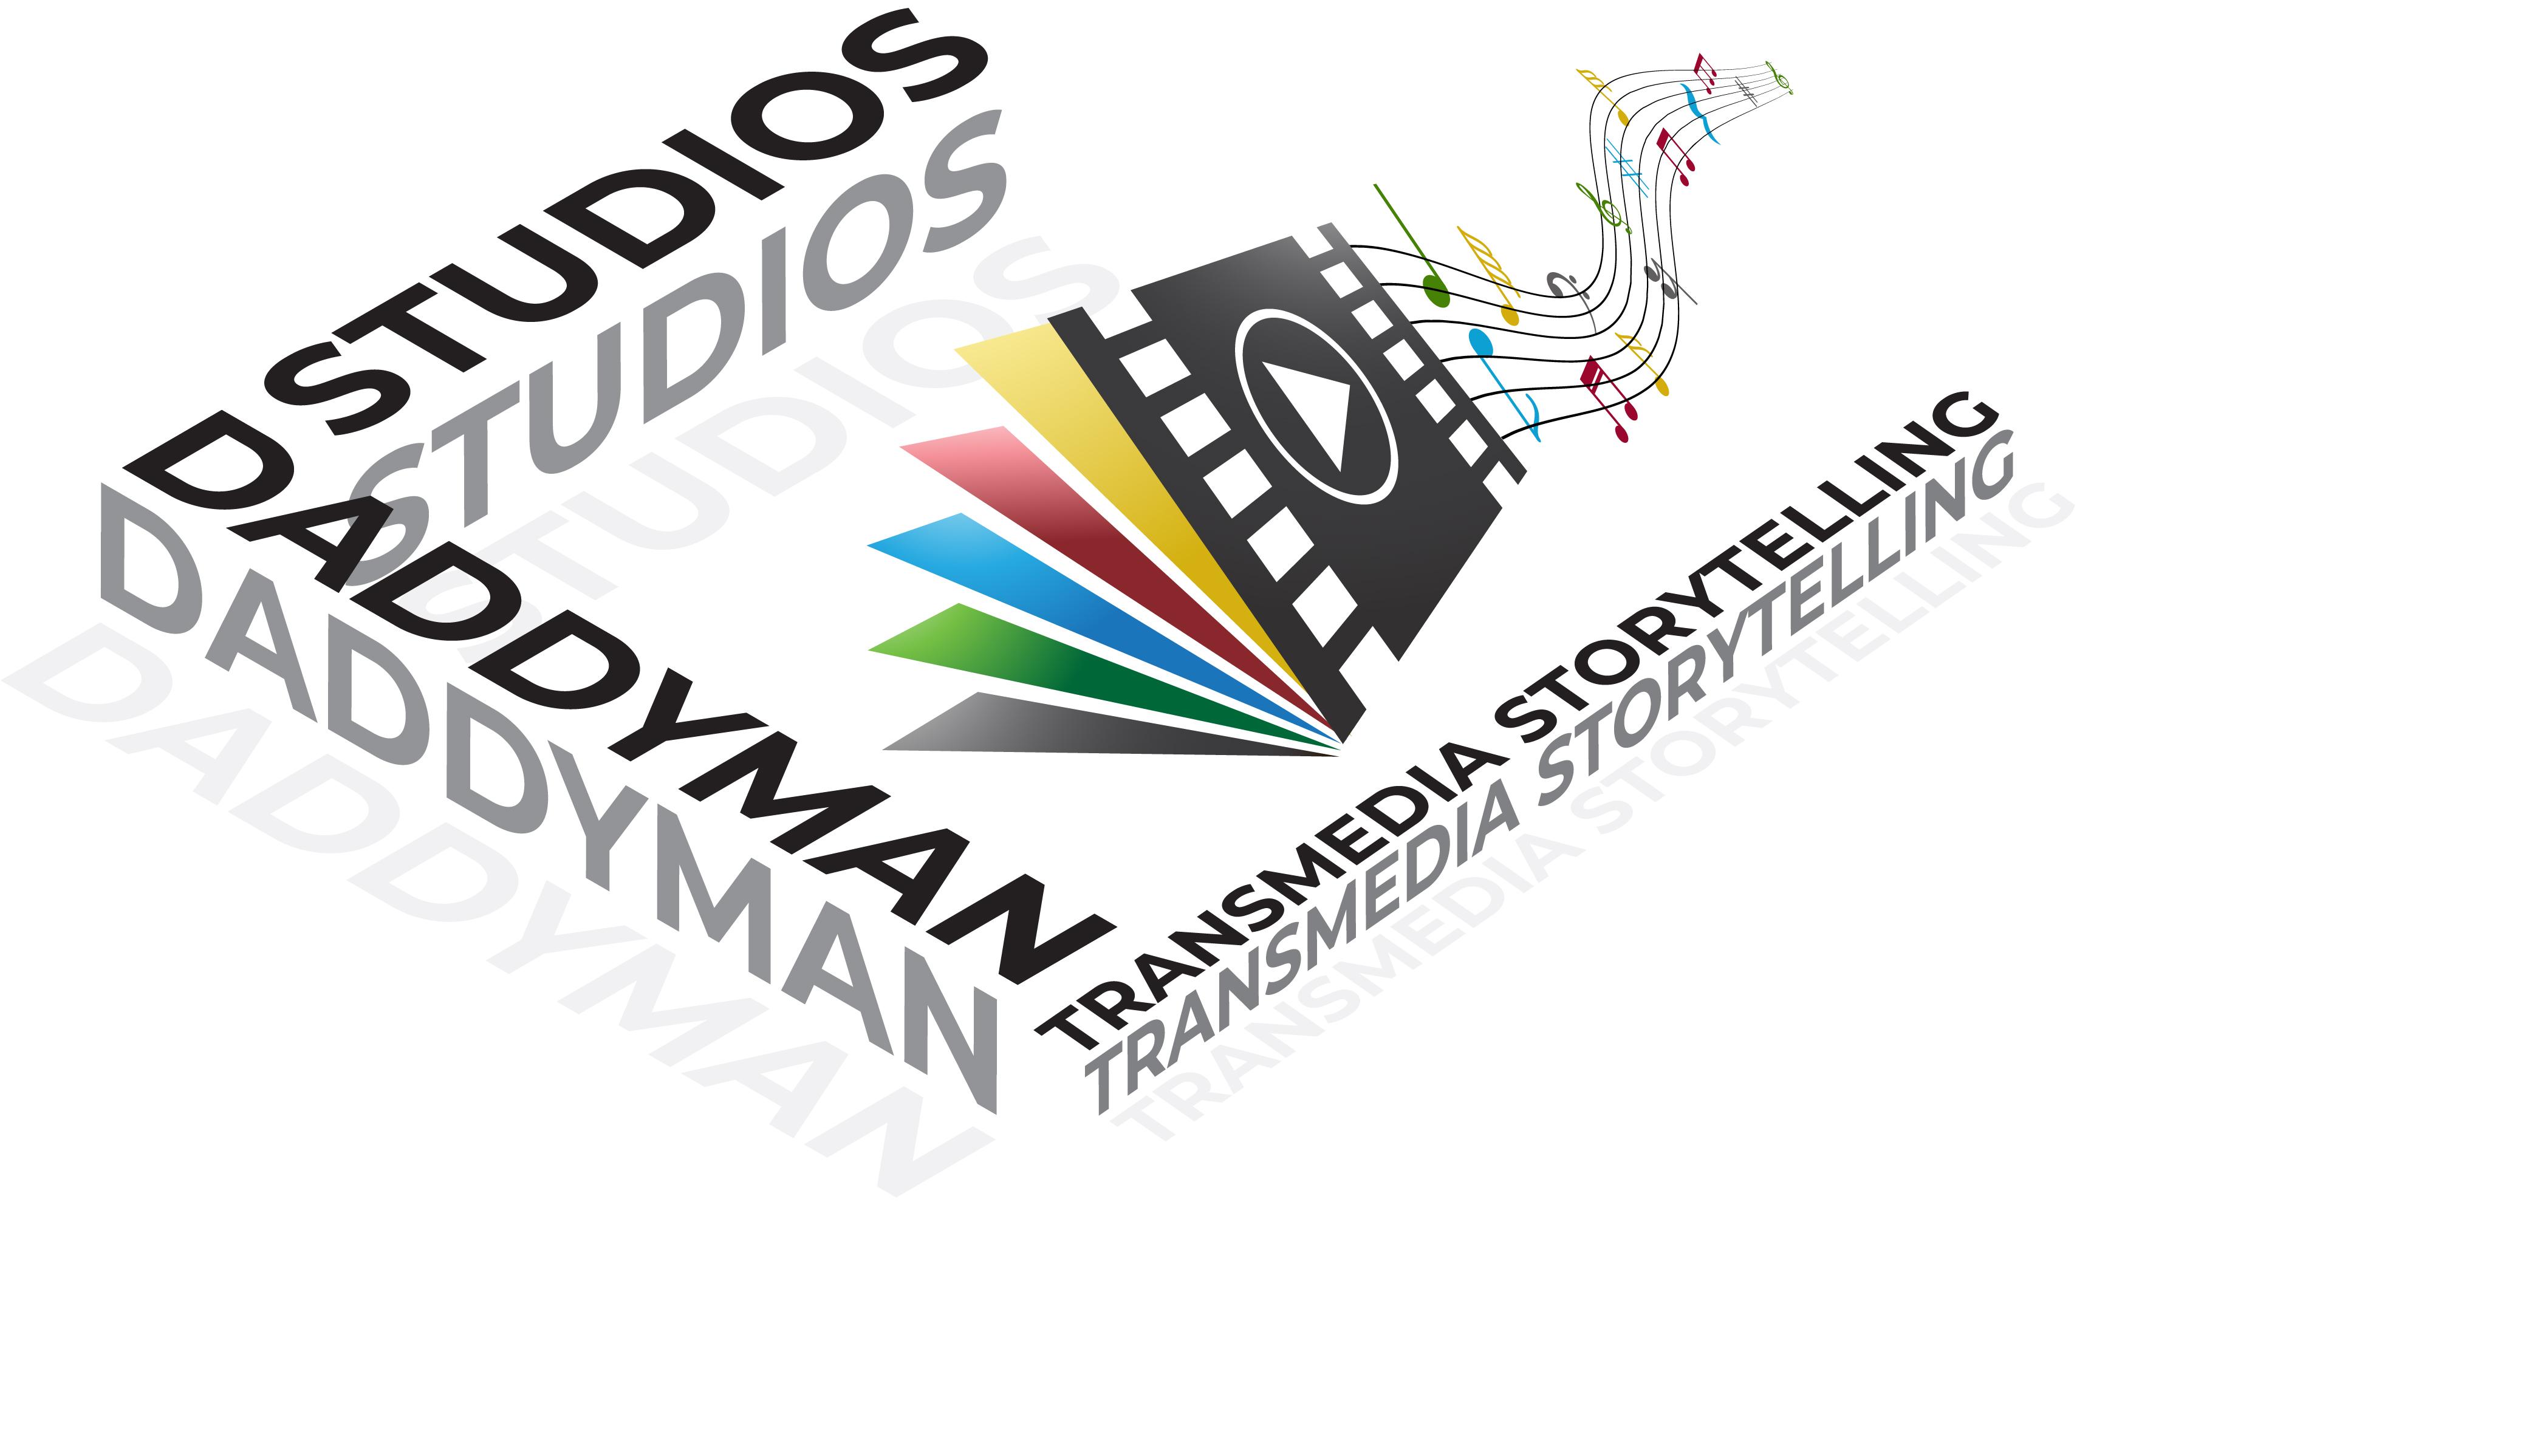 DaddyMan_Studios_Logo_Remake9E